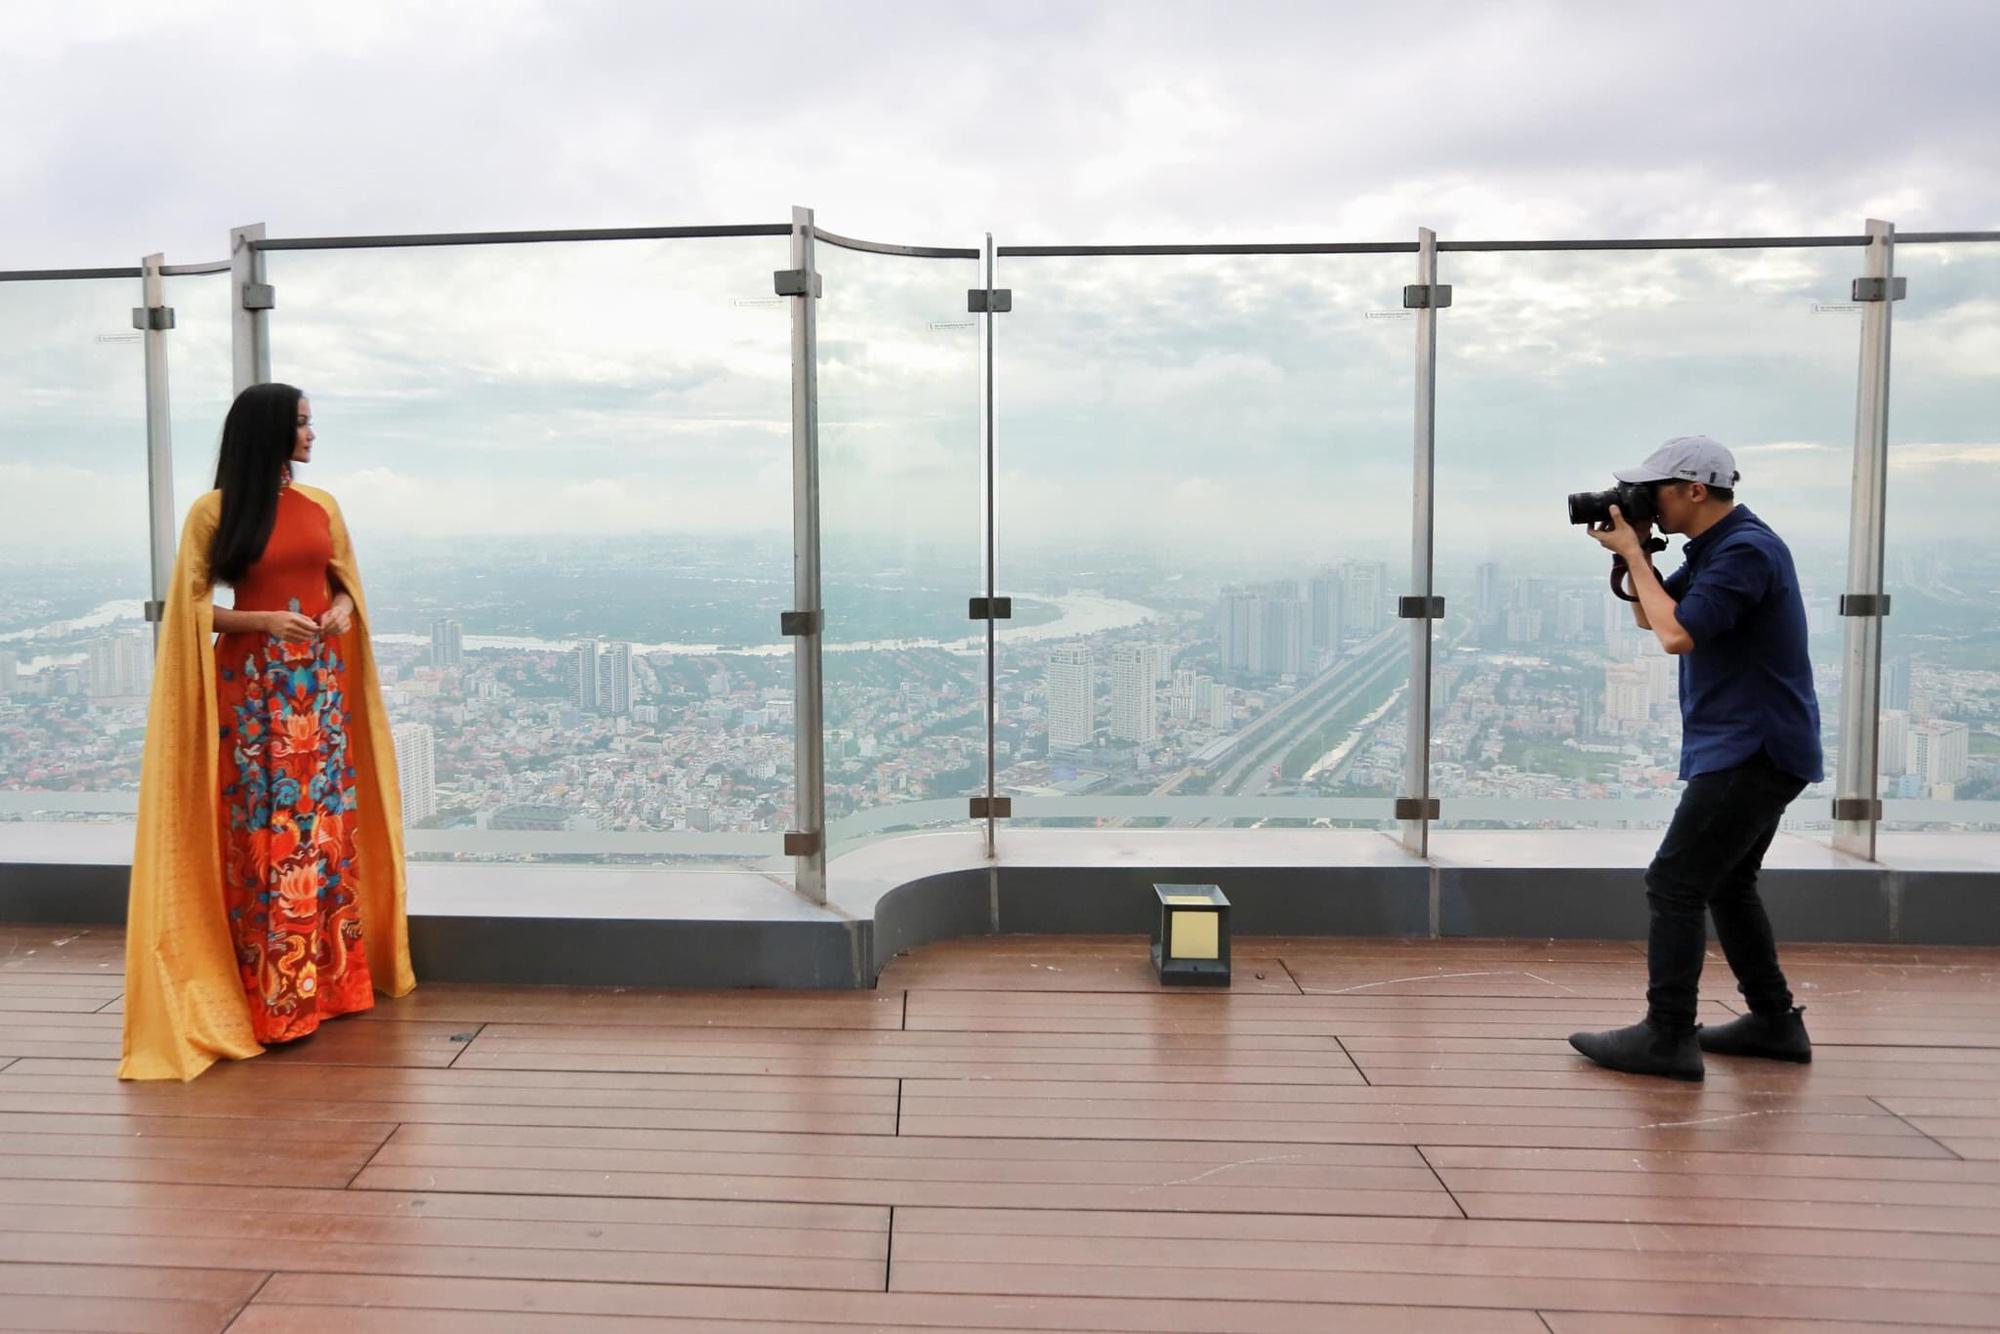 Hoa hậu H'Hen Niê diện áo dài, quảng bá du lịch trên tòa nhà cao nhất Việt Nam - Ảnh 3.